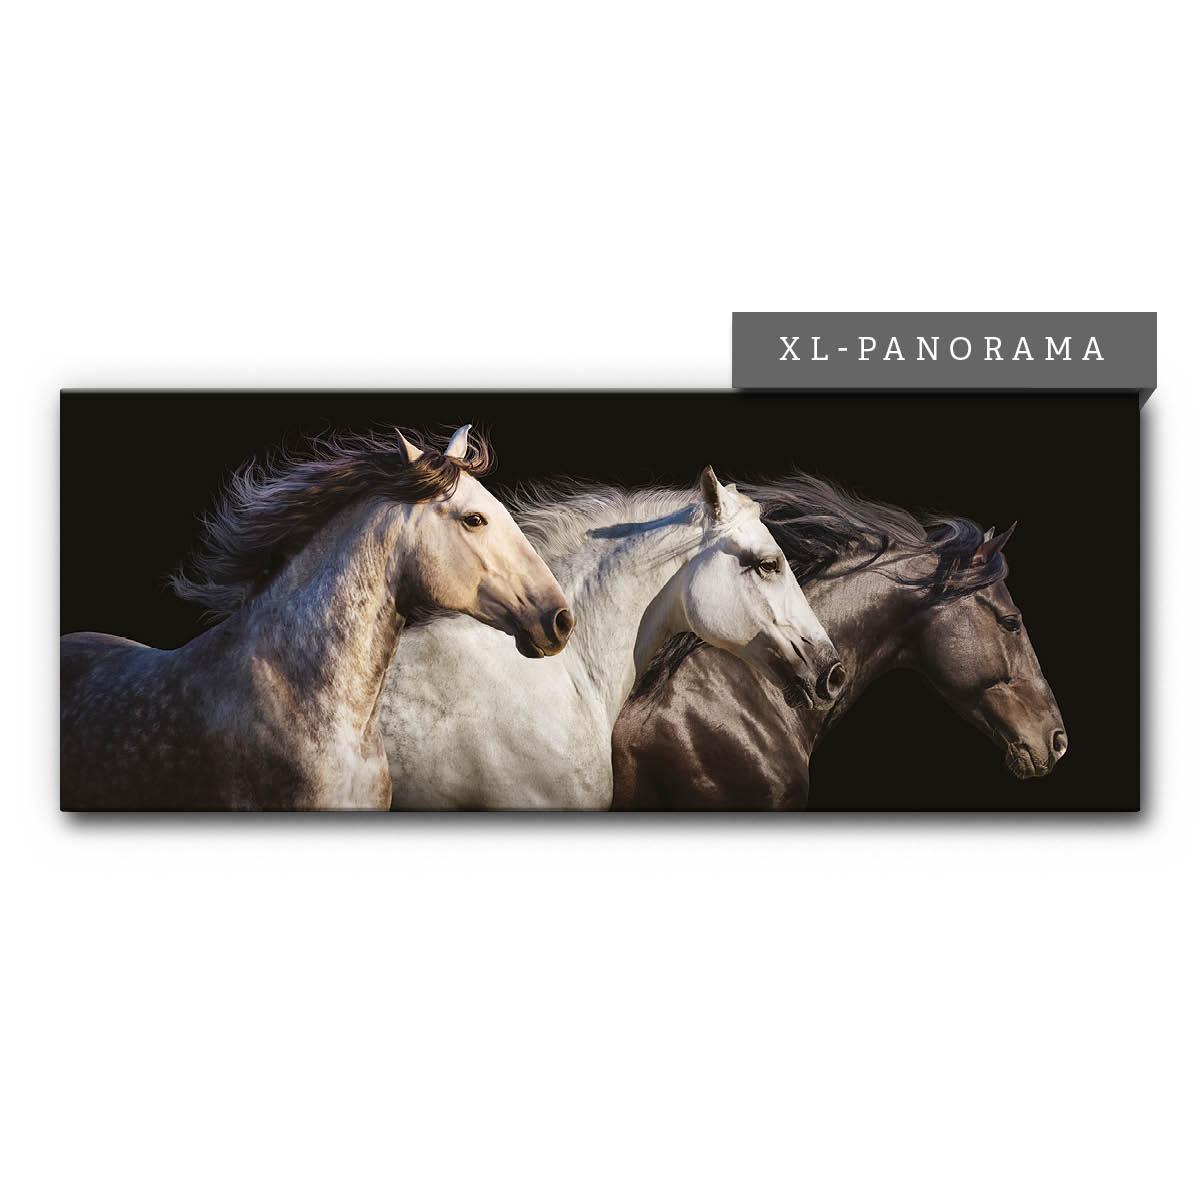 Akustikbild Panorama mit galoppierenden Pferden